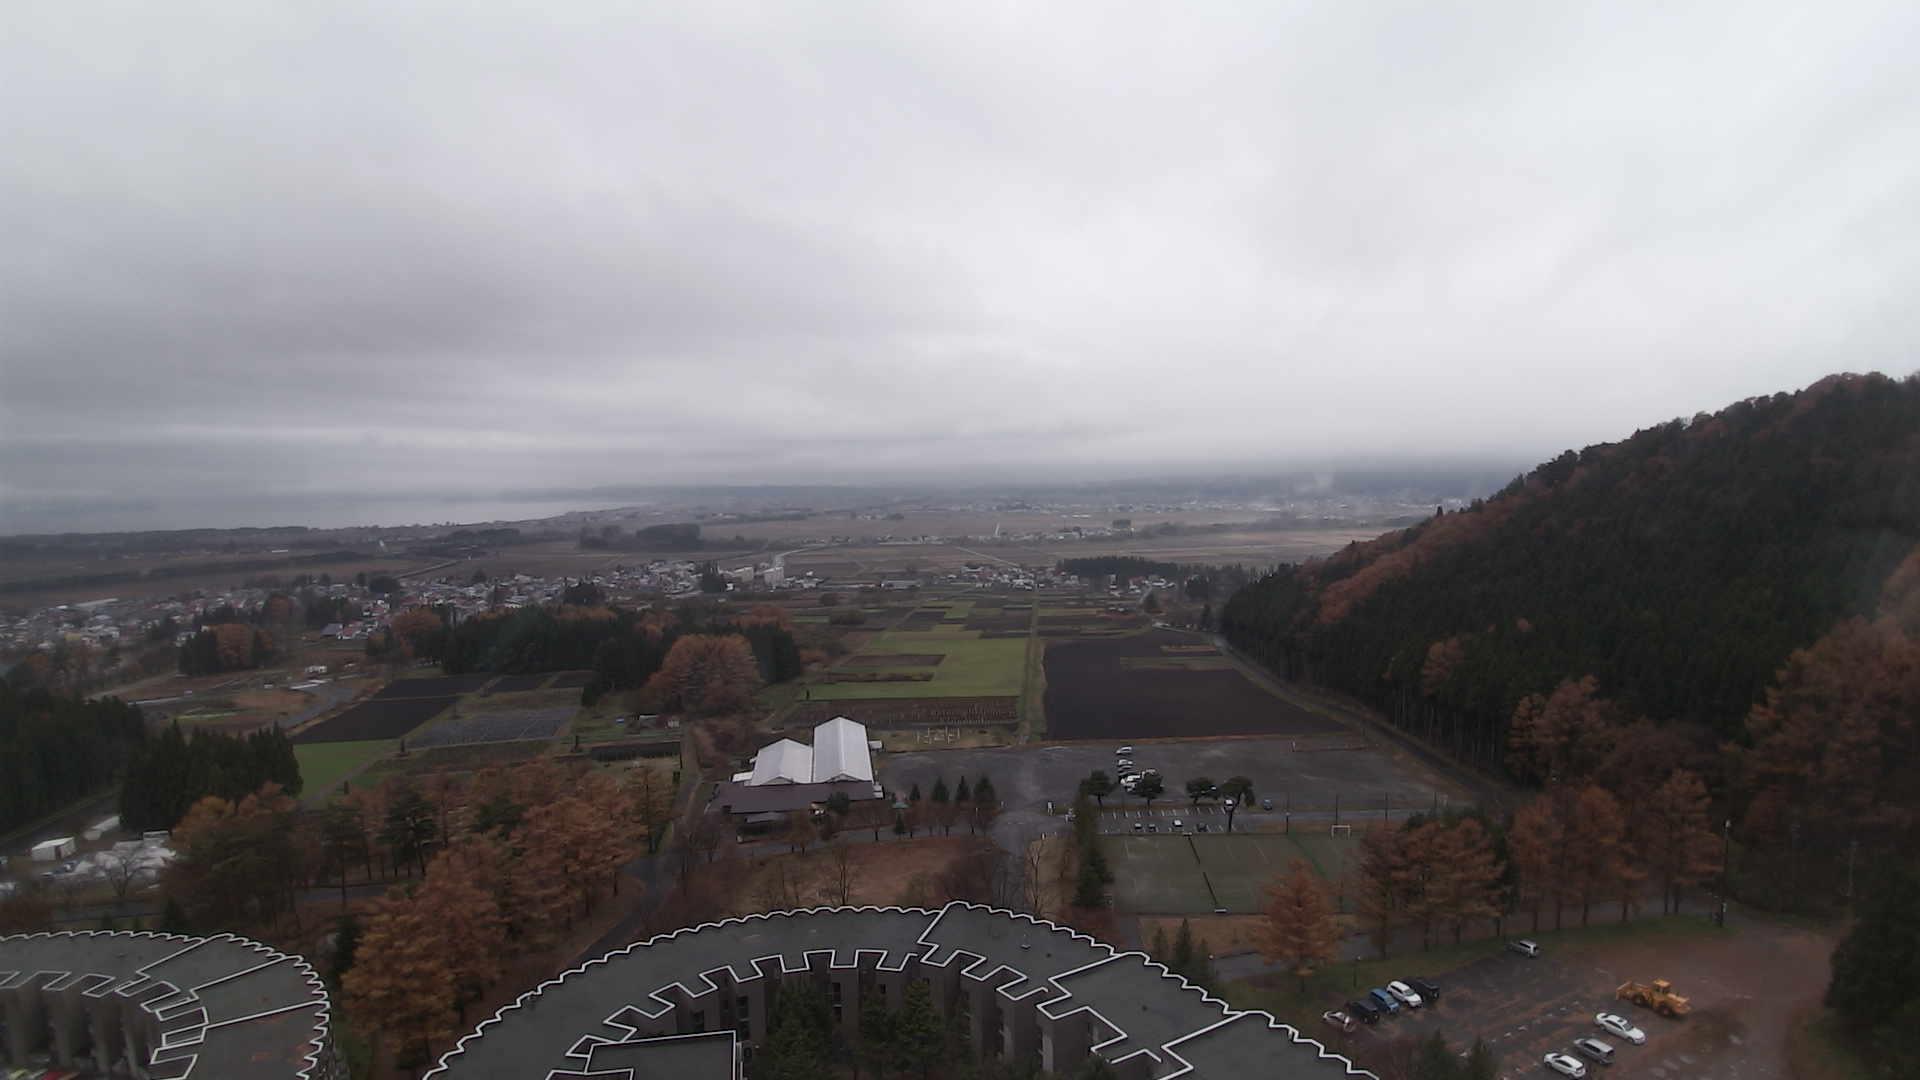 Webcam ふくしま: Fukushima − Inawashiro